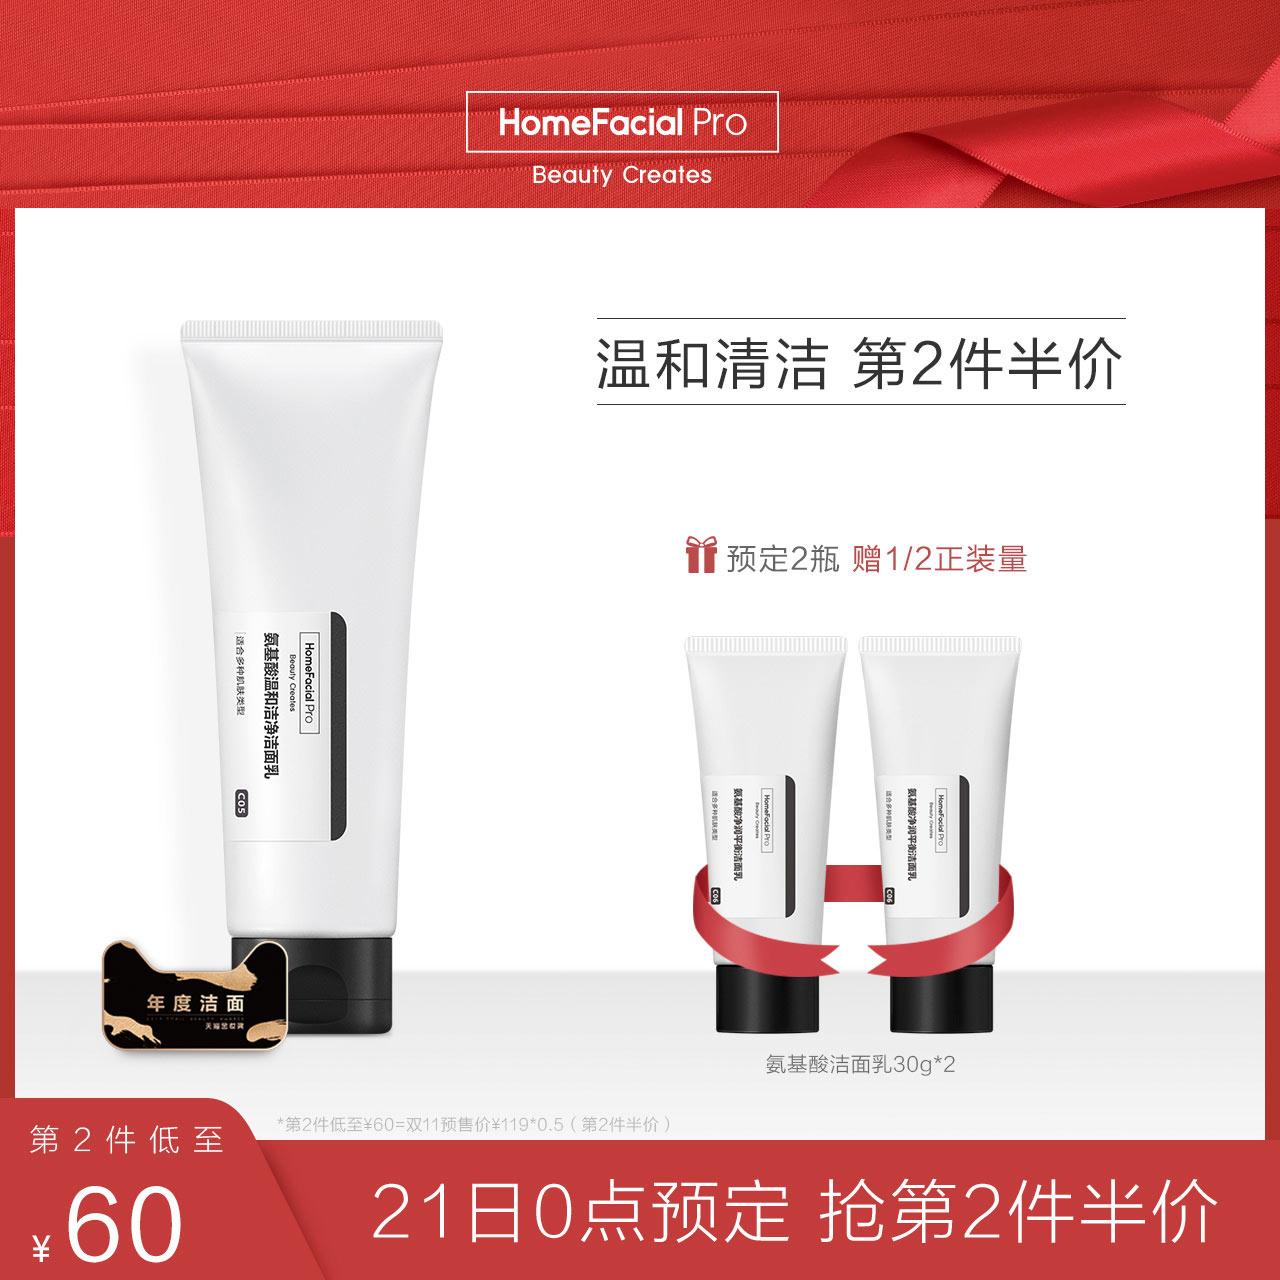 【10.21预售开抢】HFP洗面奶 氨基酸温和洁净洁面乳 清洁毛孔补水